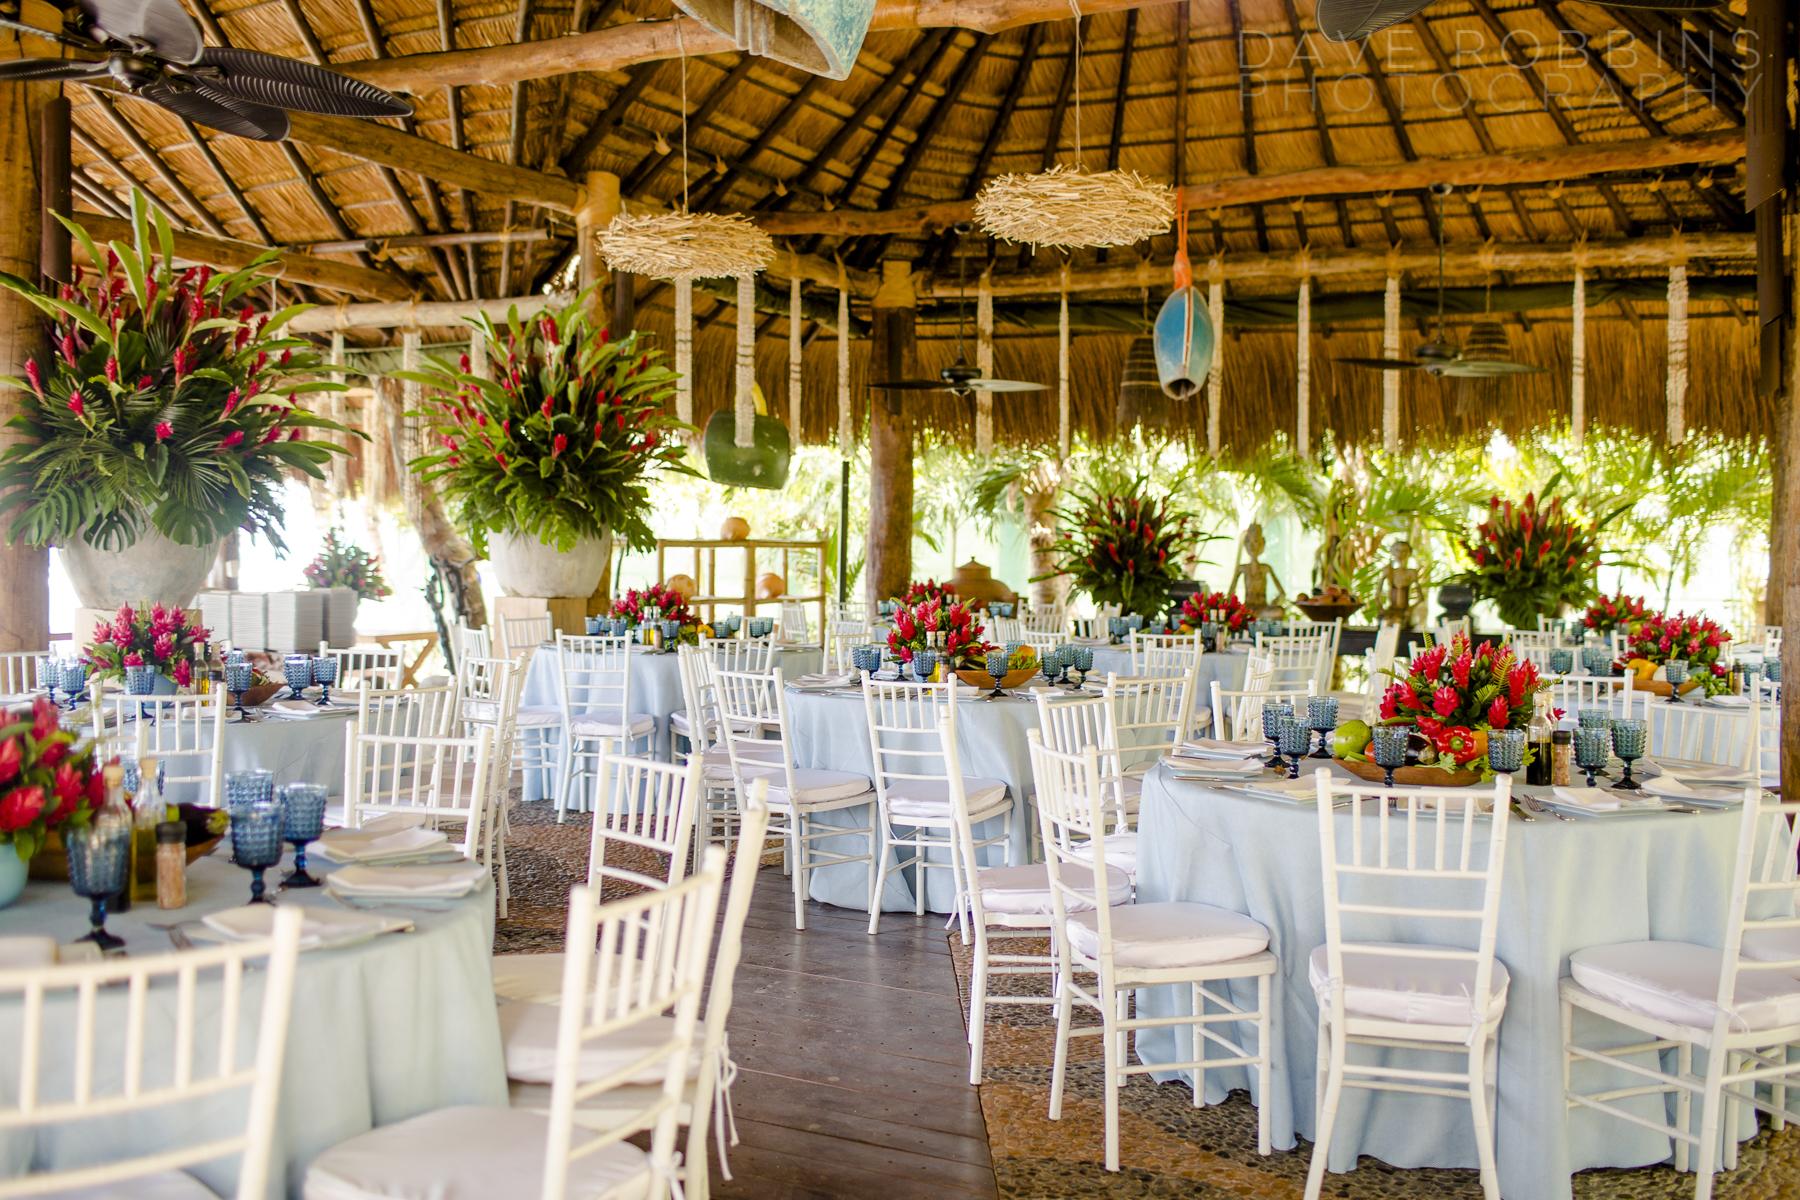 BARU BEACH WEDDING - 0039.JPG